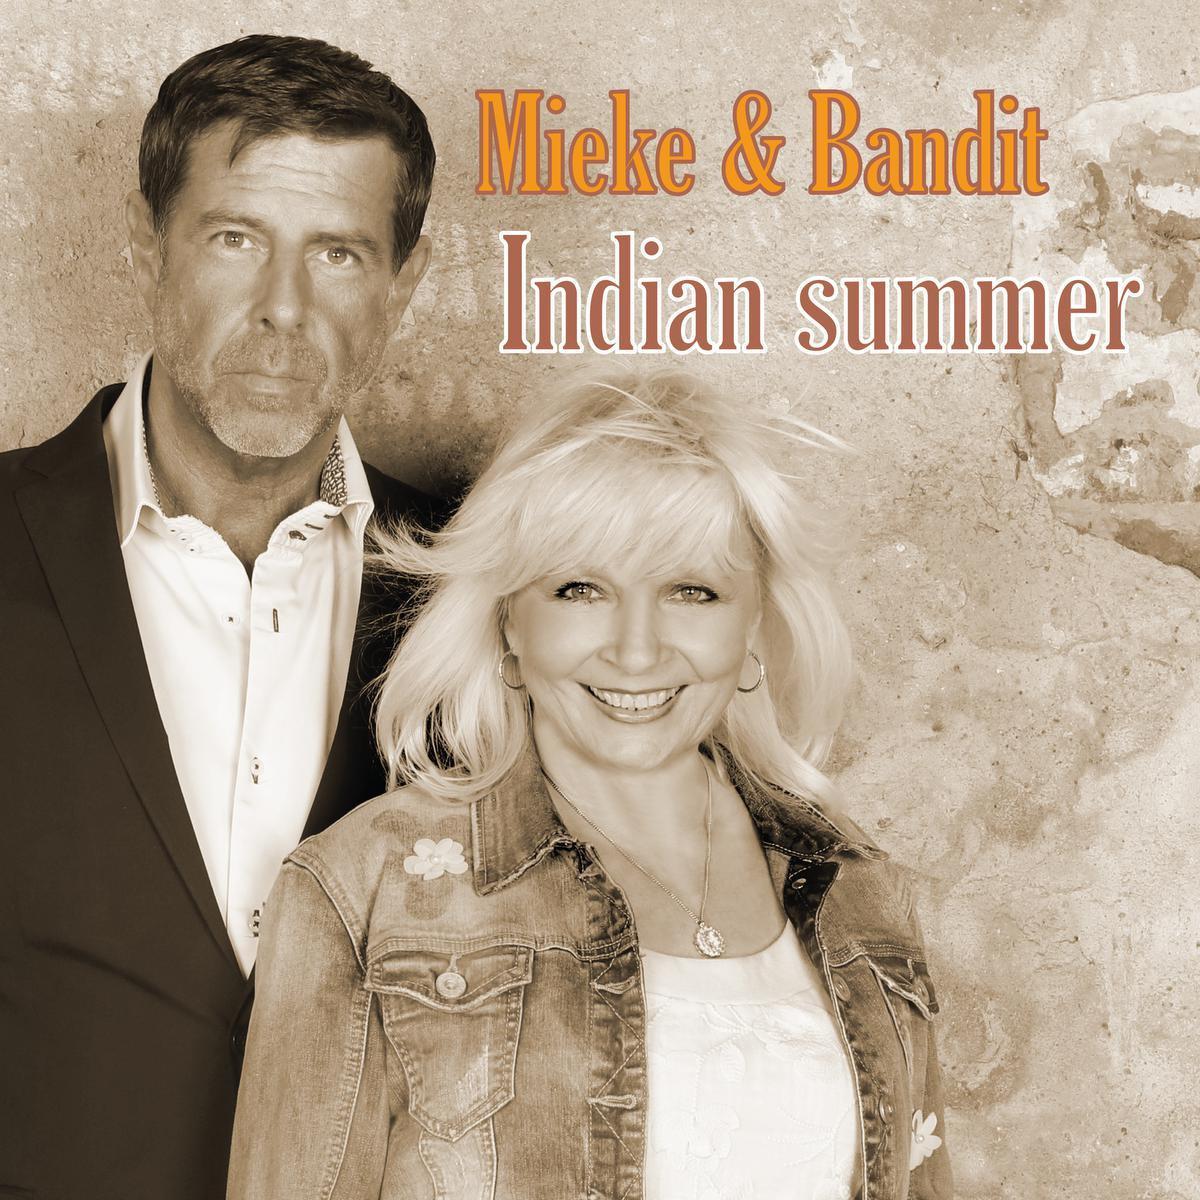 Mieke & Bandit zingen samen 'Indian Summer'